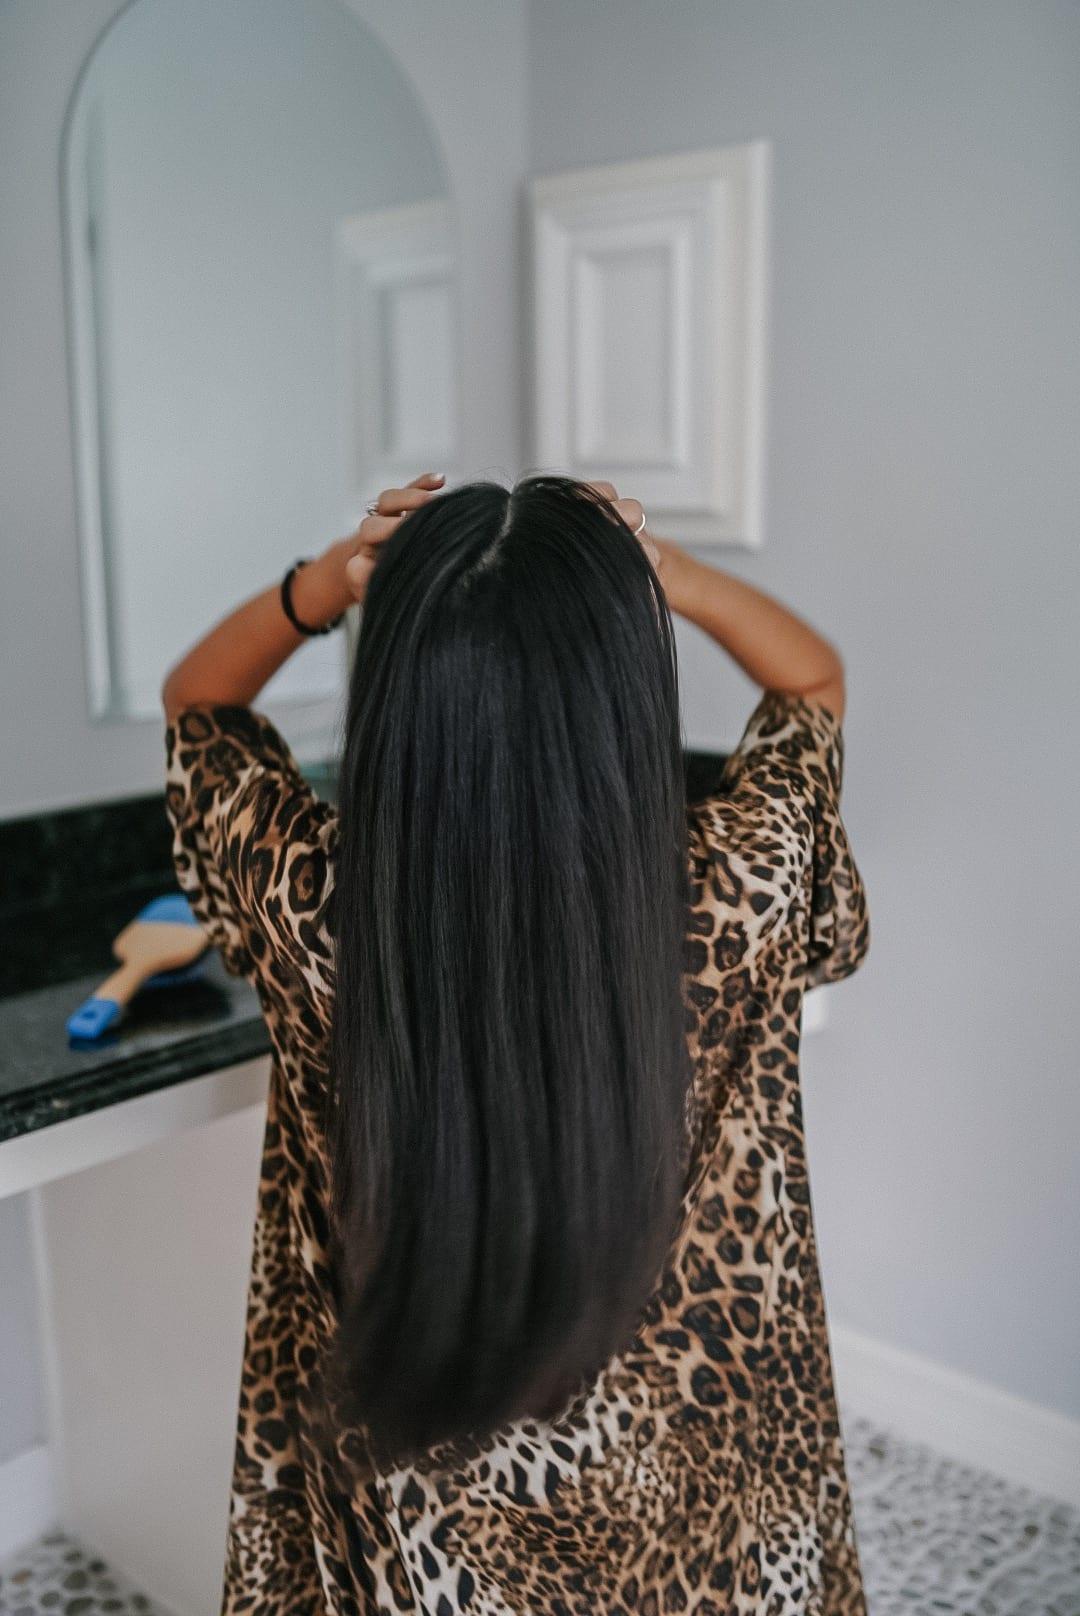 haircare, hair tutorials, natural hair